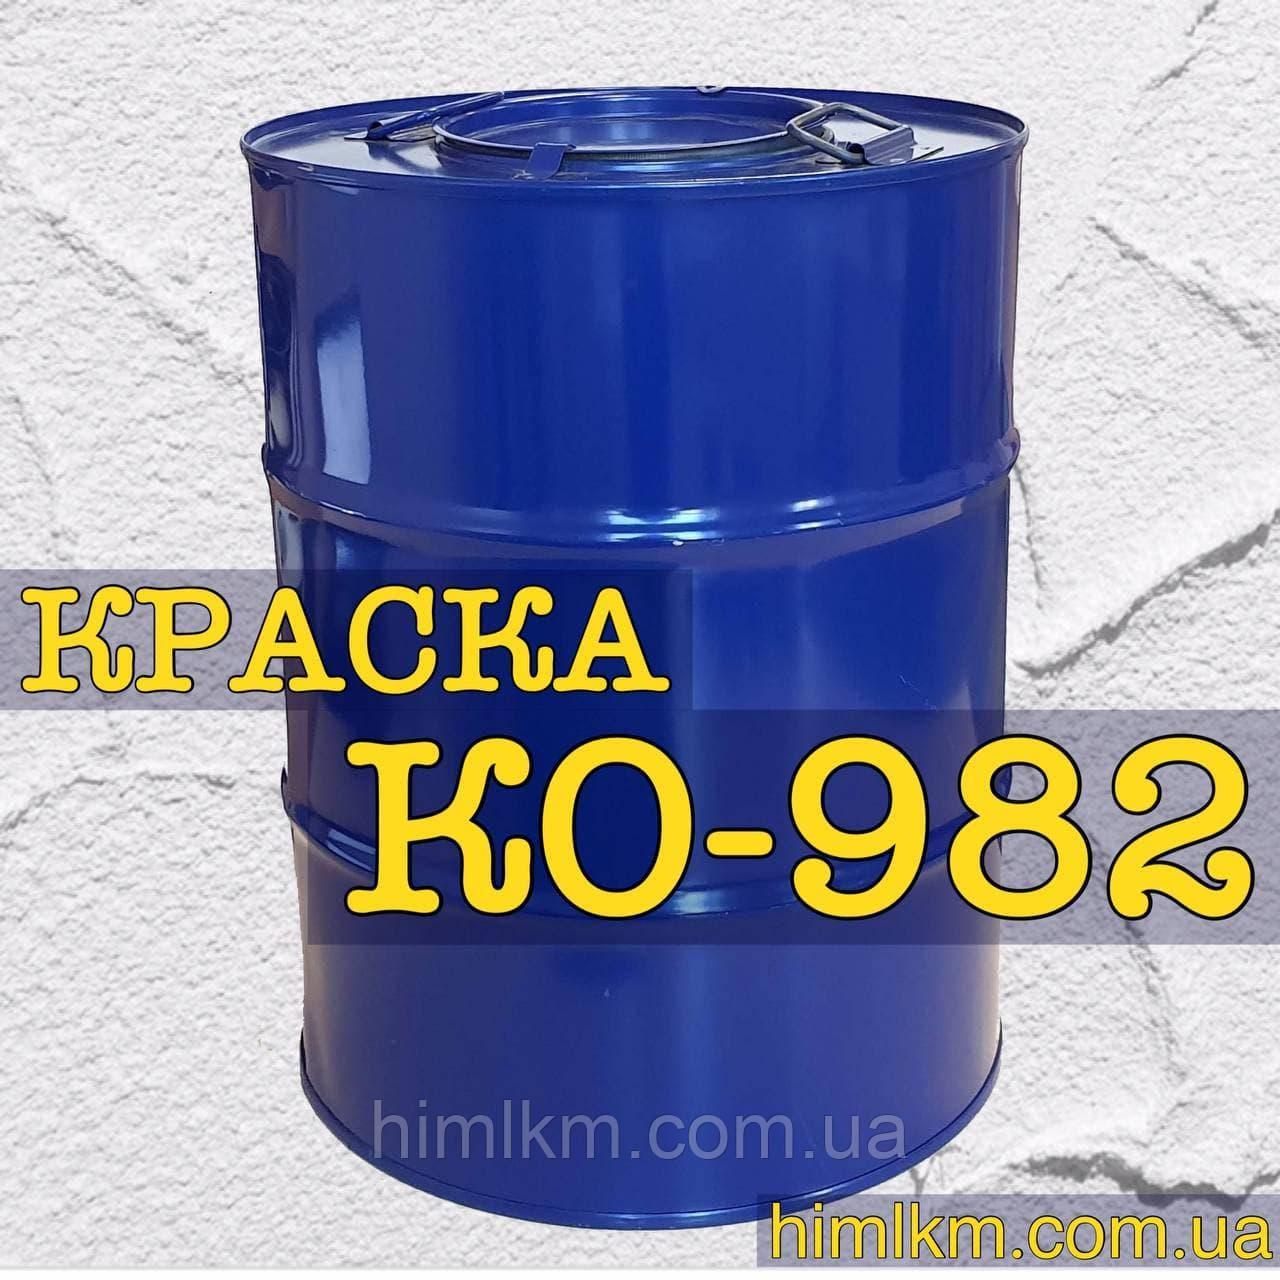 Краска КО-982 для защиты различных изделий электронной и радиотехники, 50кг